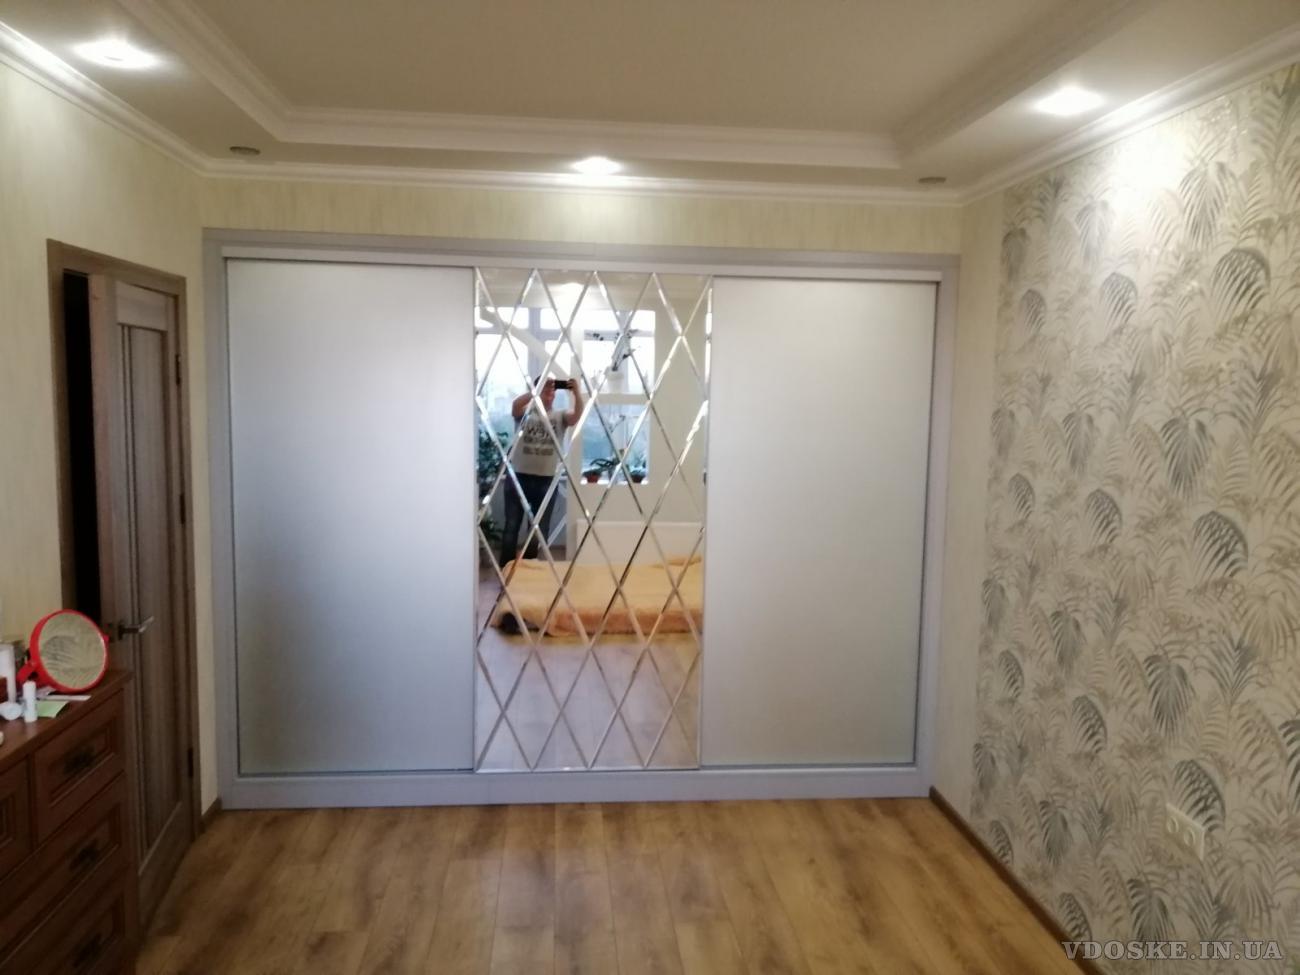 Зеркала, стекло в изделиях для мебели. ПАННО.  Монтаж. (3)